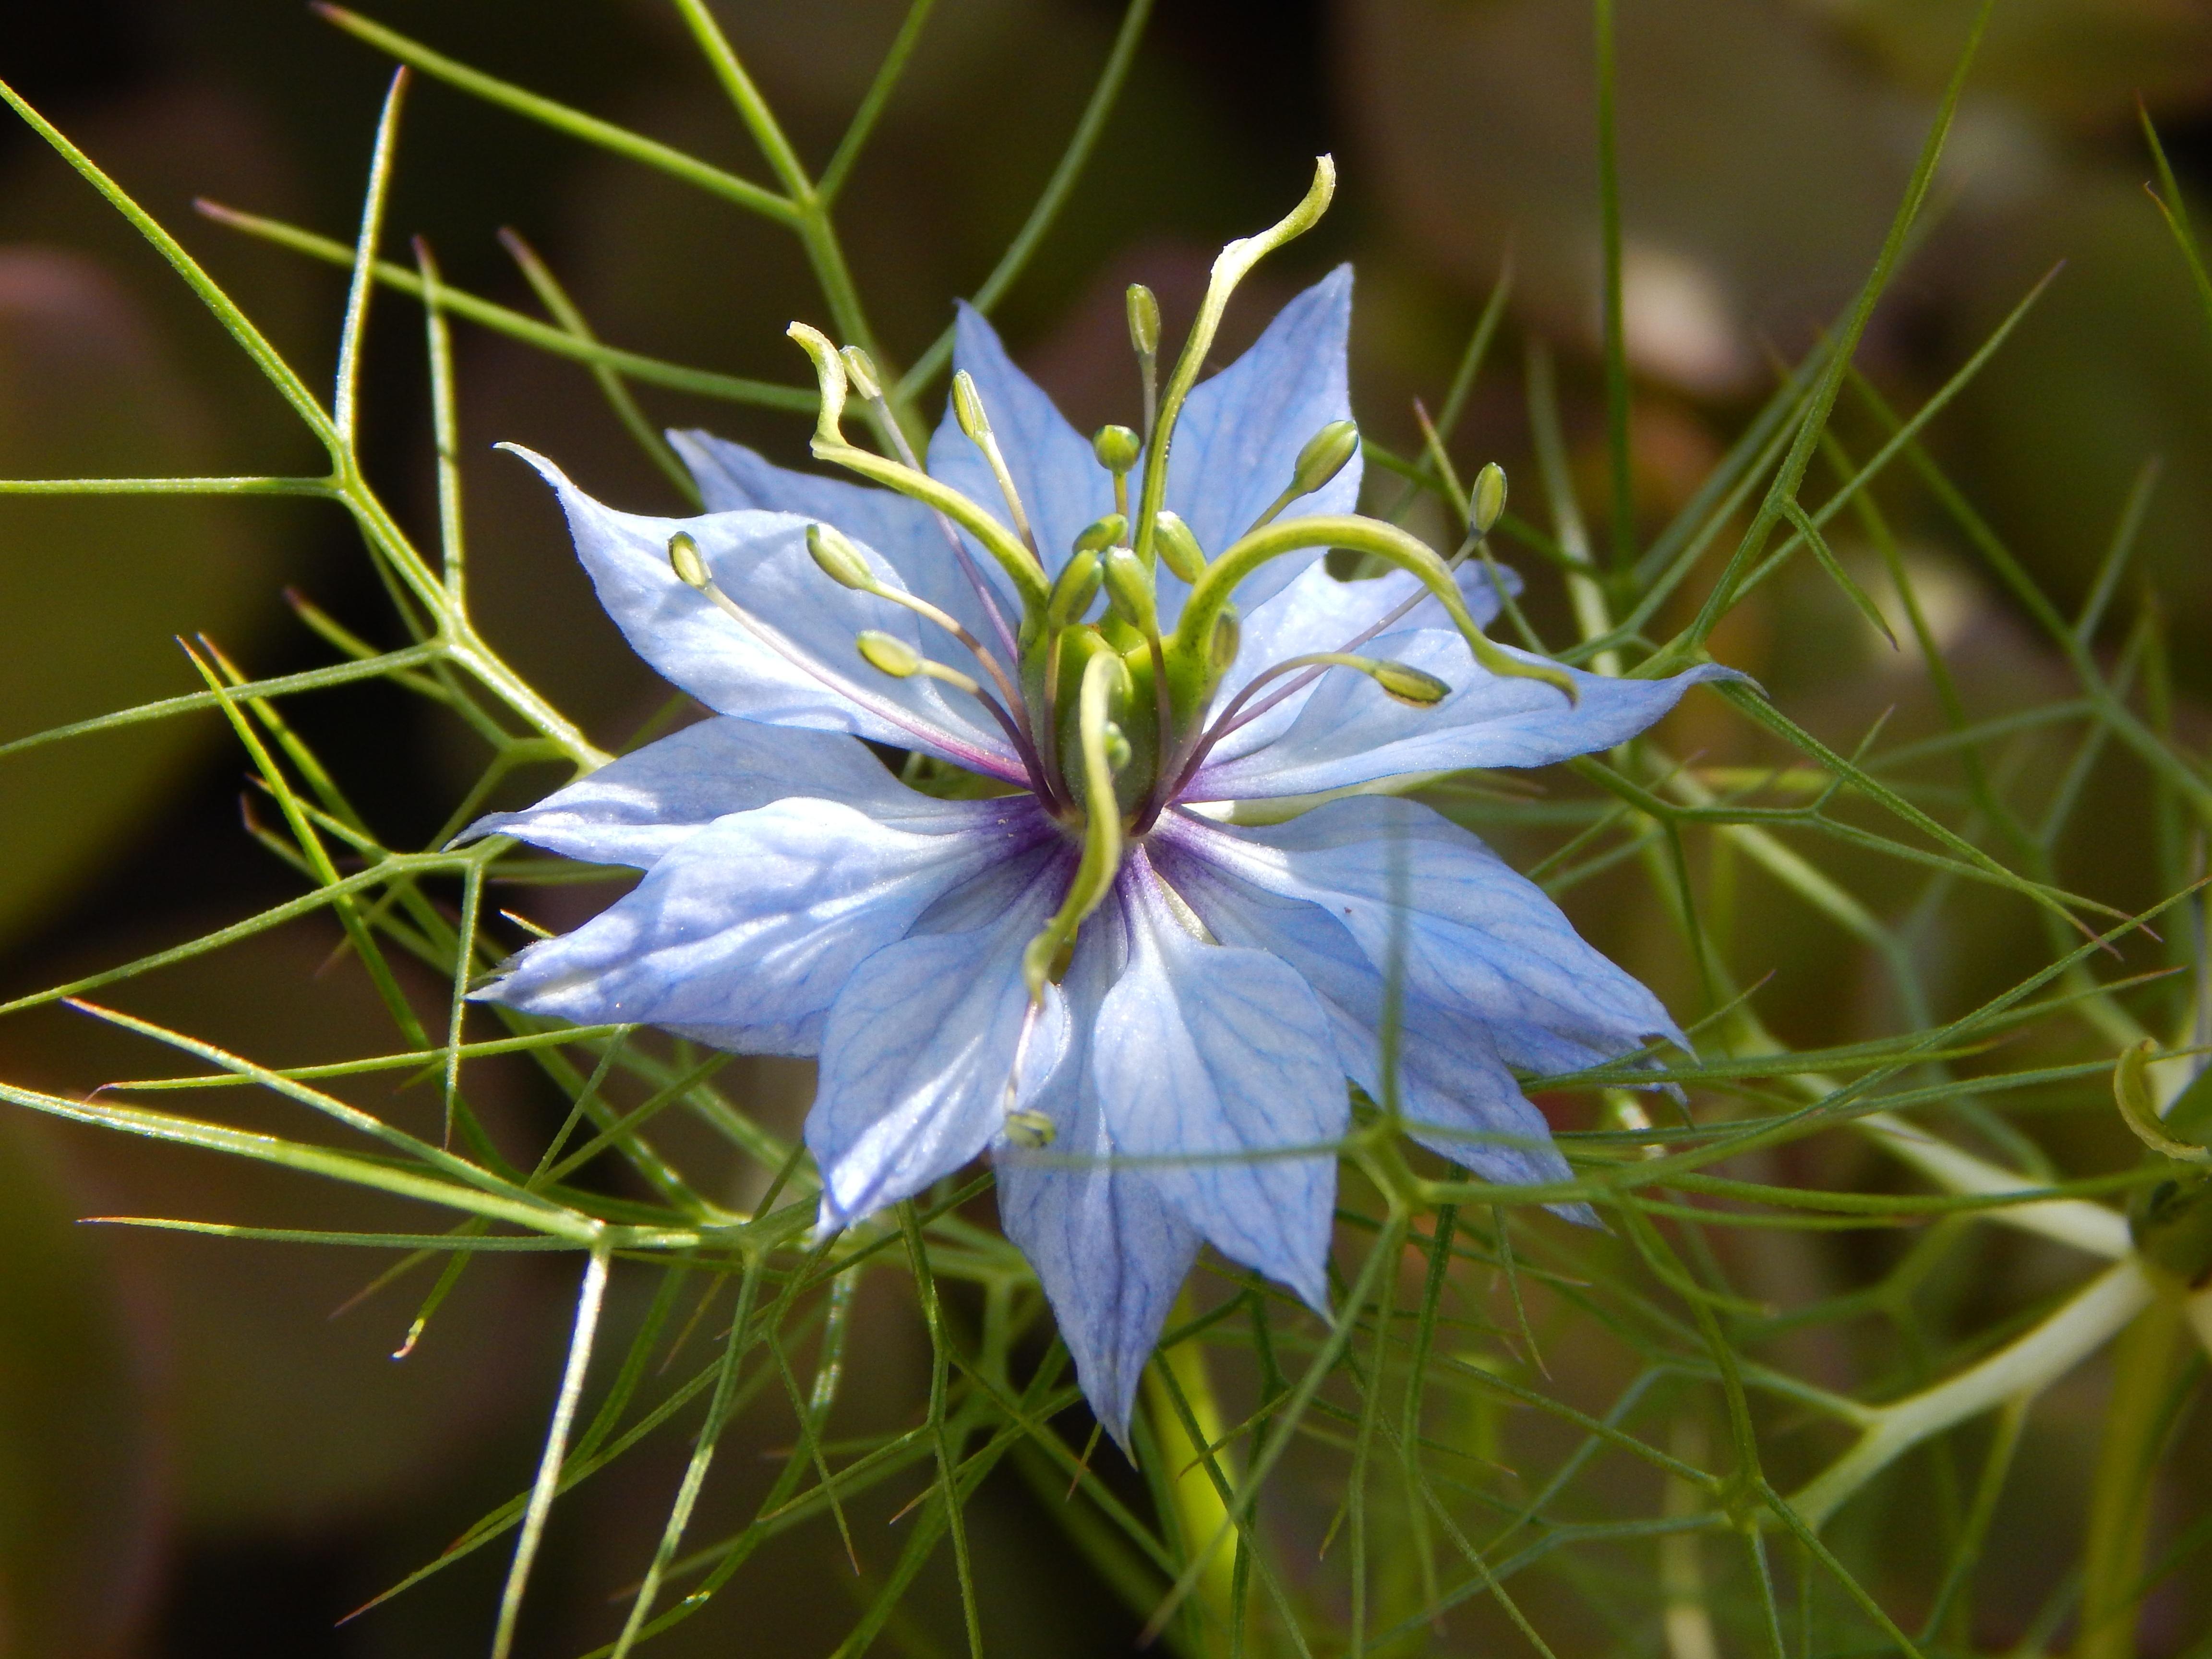 images gratuites la nature fleur floraison t produire botanique bleu fermer flore. Black Bedroom Furniture Sets. Home Design Ideas